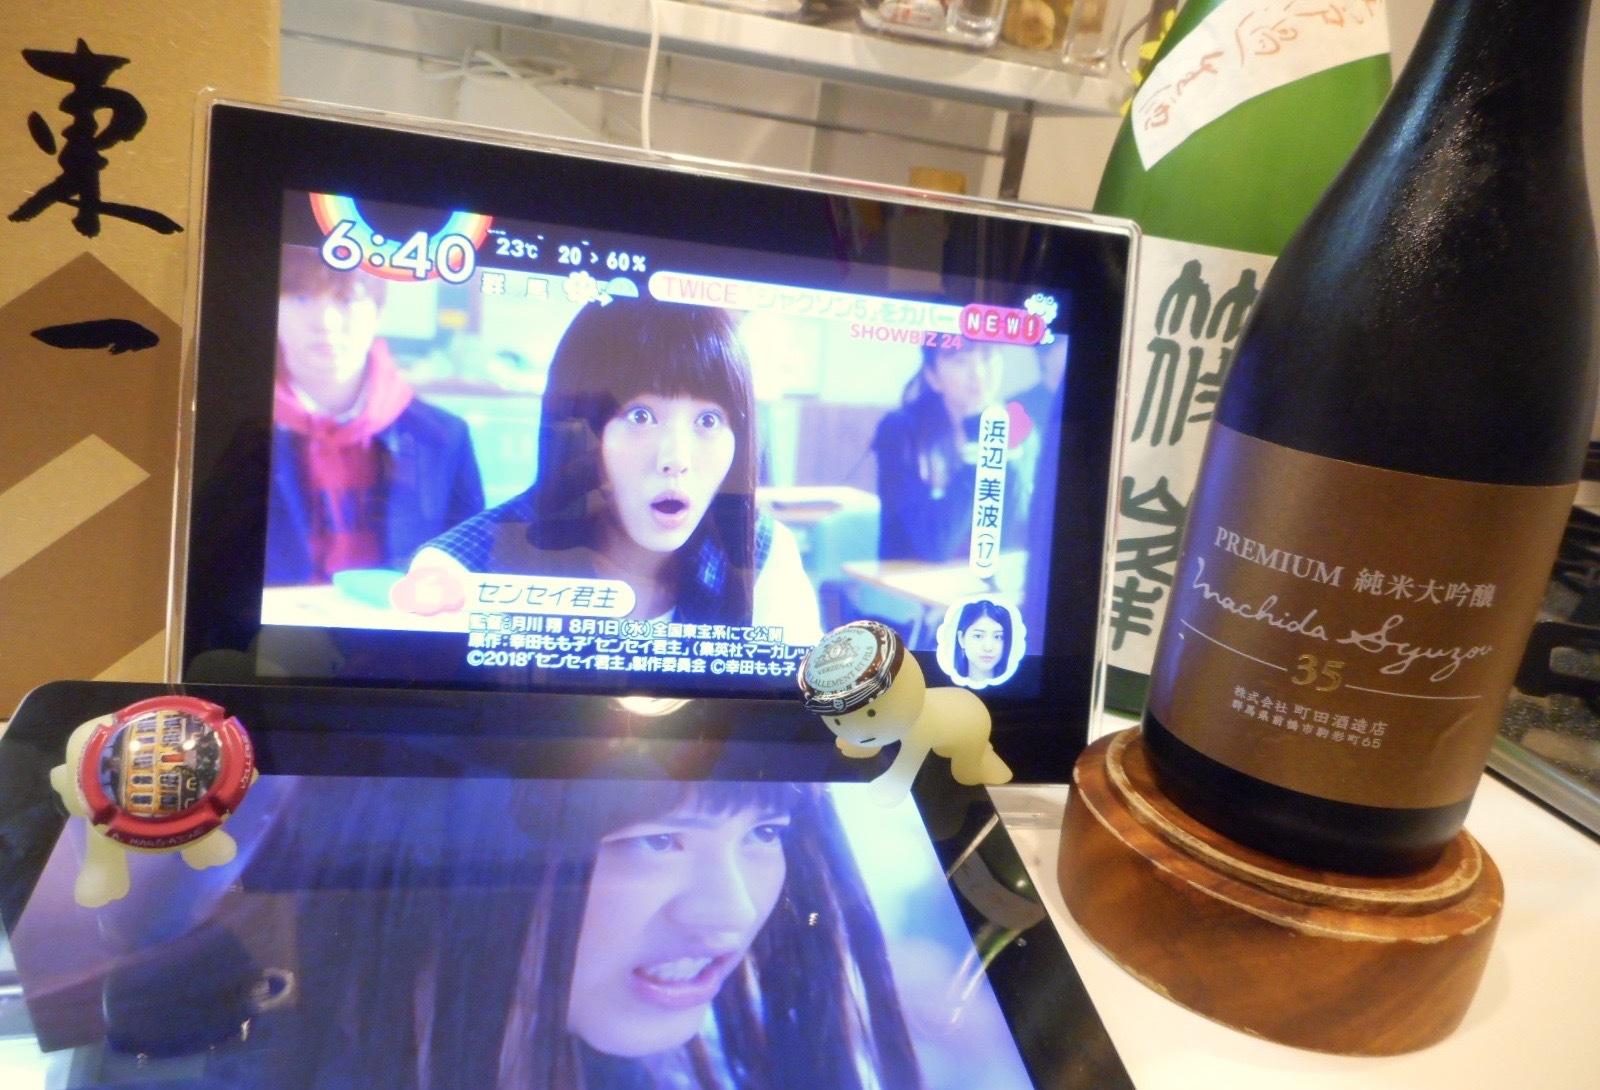 machida_premium35_29by1.jpg